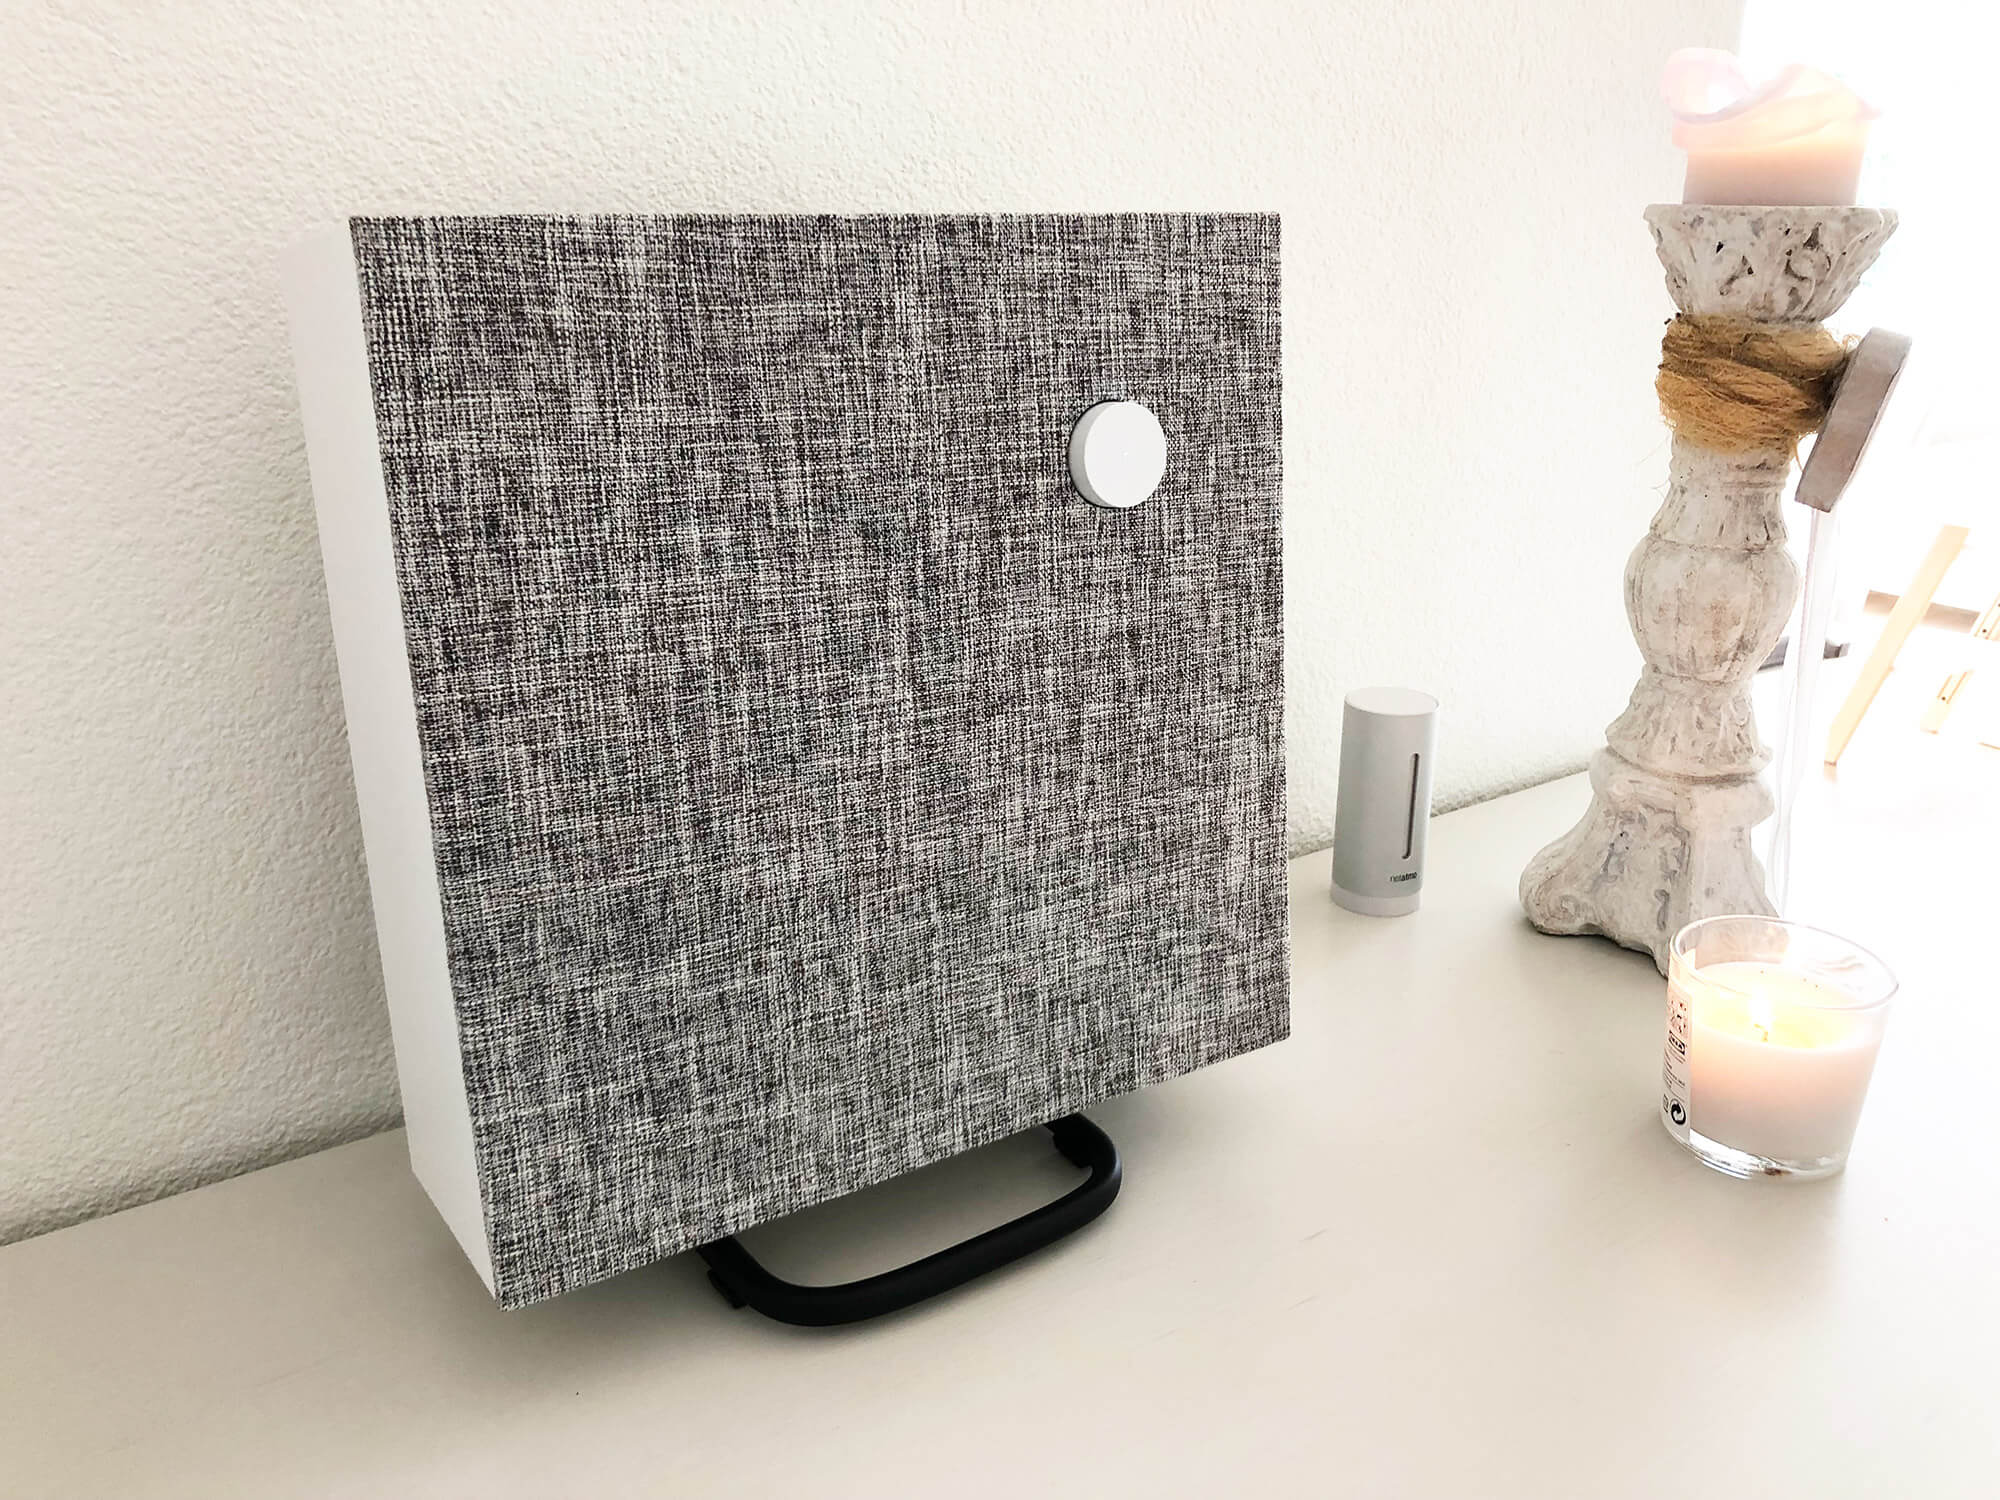 Der Ikea Eneby 30, hier auf dem Lautsprechergestell, welches wir nicht soooo schön fanden